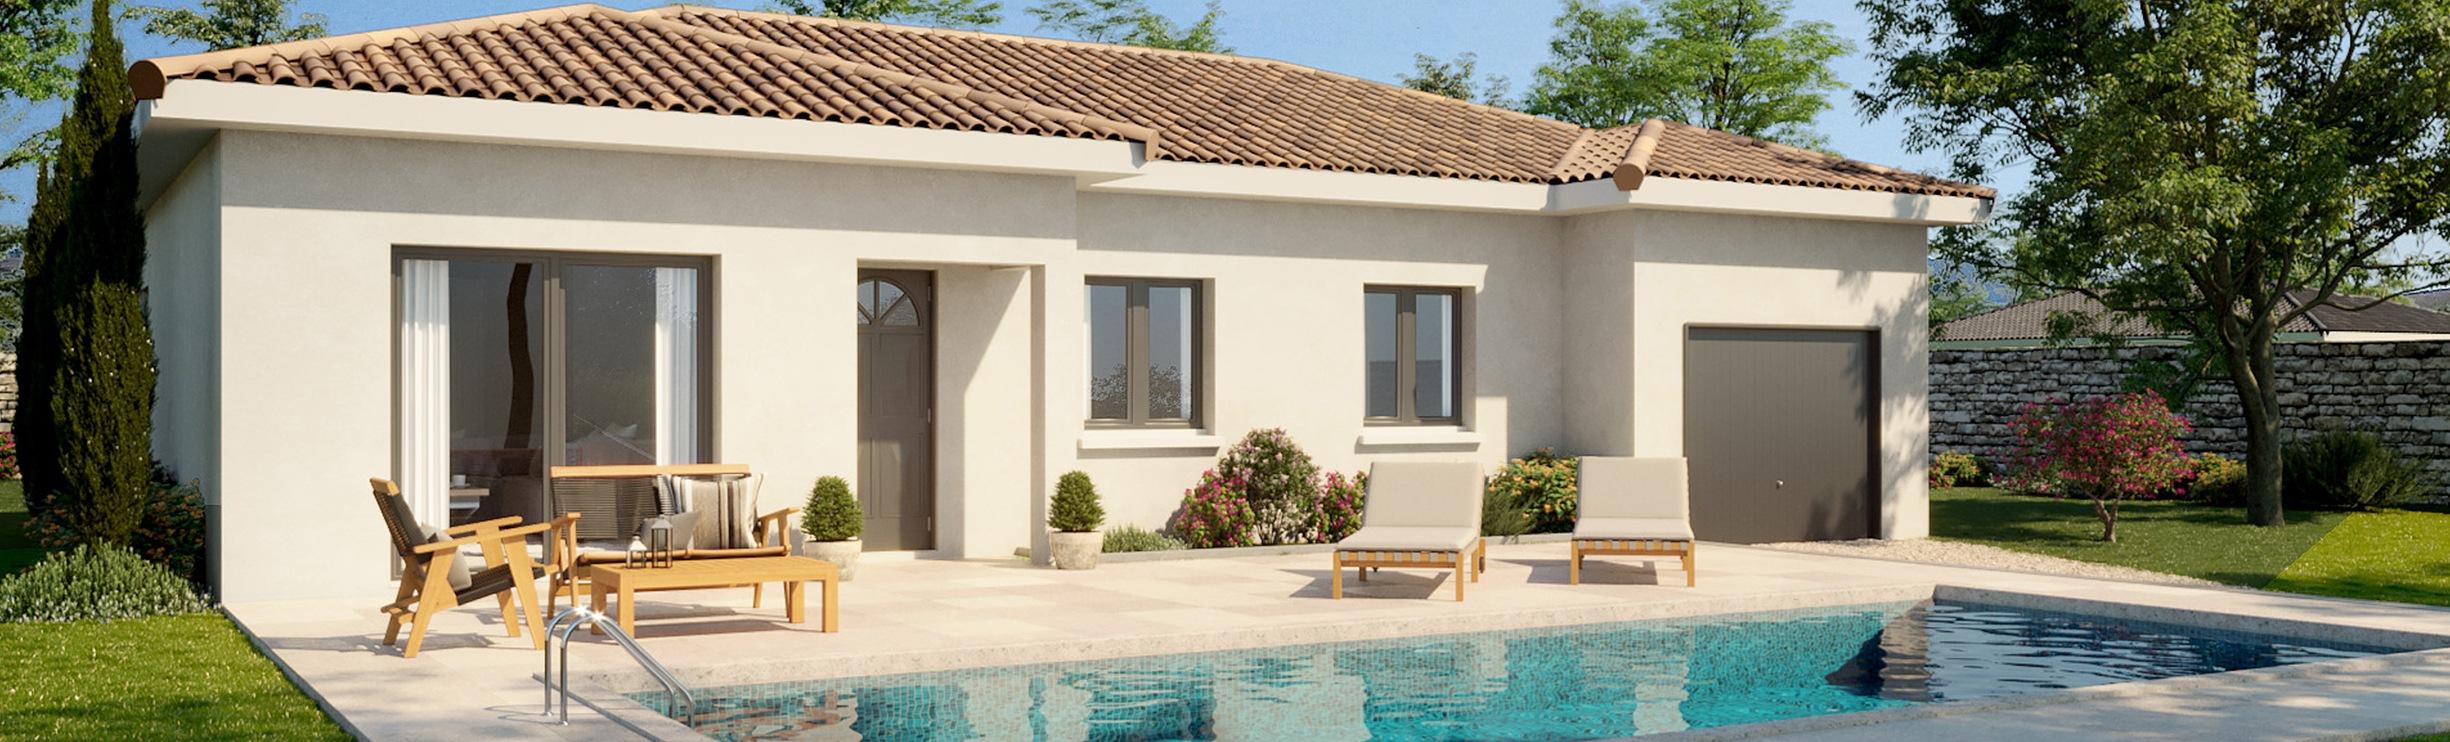 Maisons Punch, constructeur de maisons en Rhône-Alpes